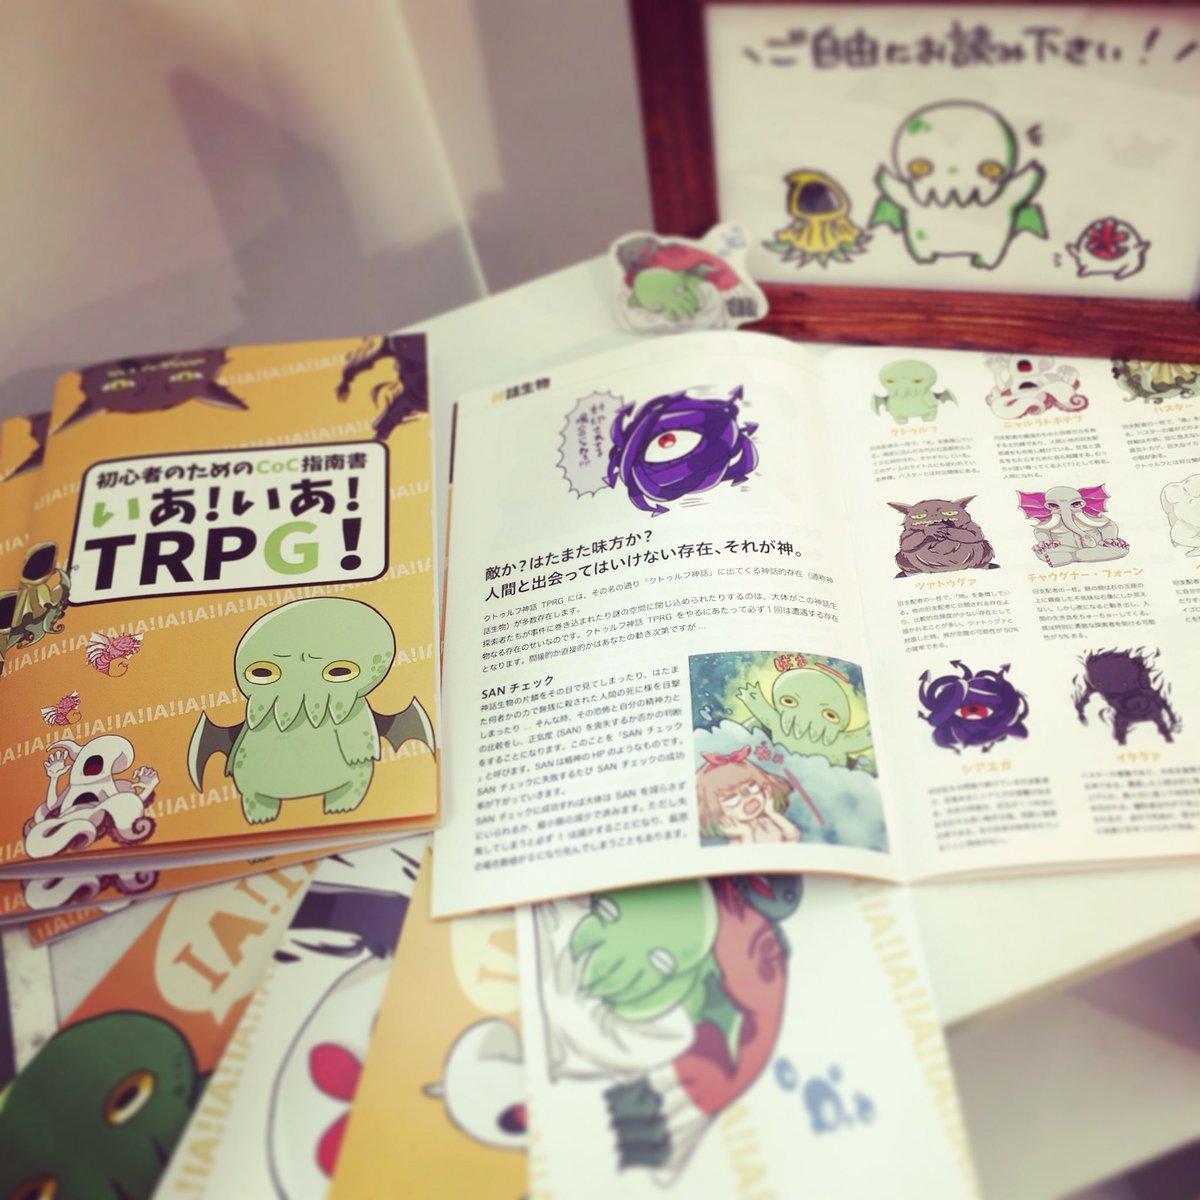 クトゥルフ神話TRPGを広めるための指南書だそうで。本格的な冊子になってます・・・ #CoC #TPRG #キャラクターデザイン #作品展 https://t.co/7f79CWwHqW